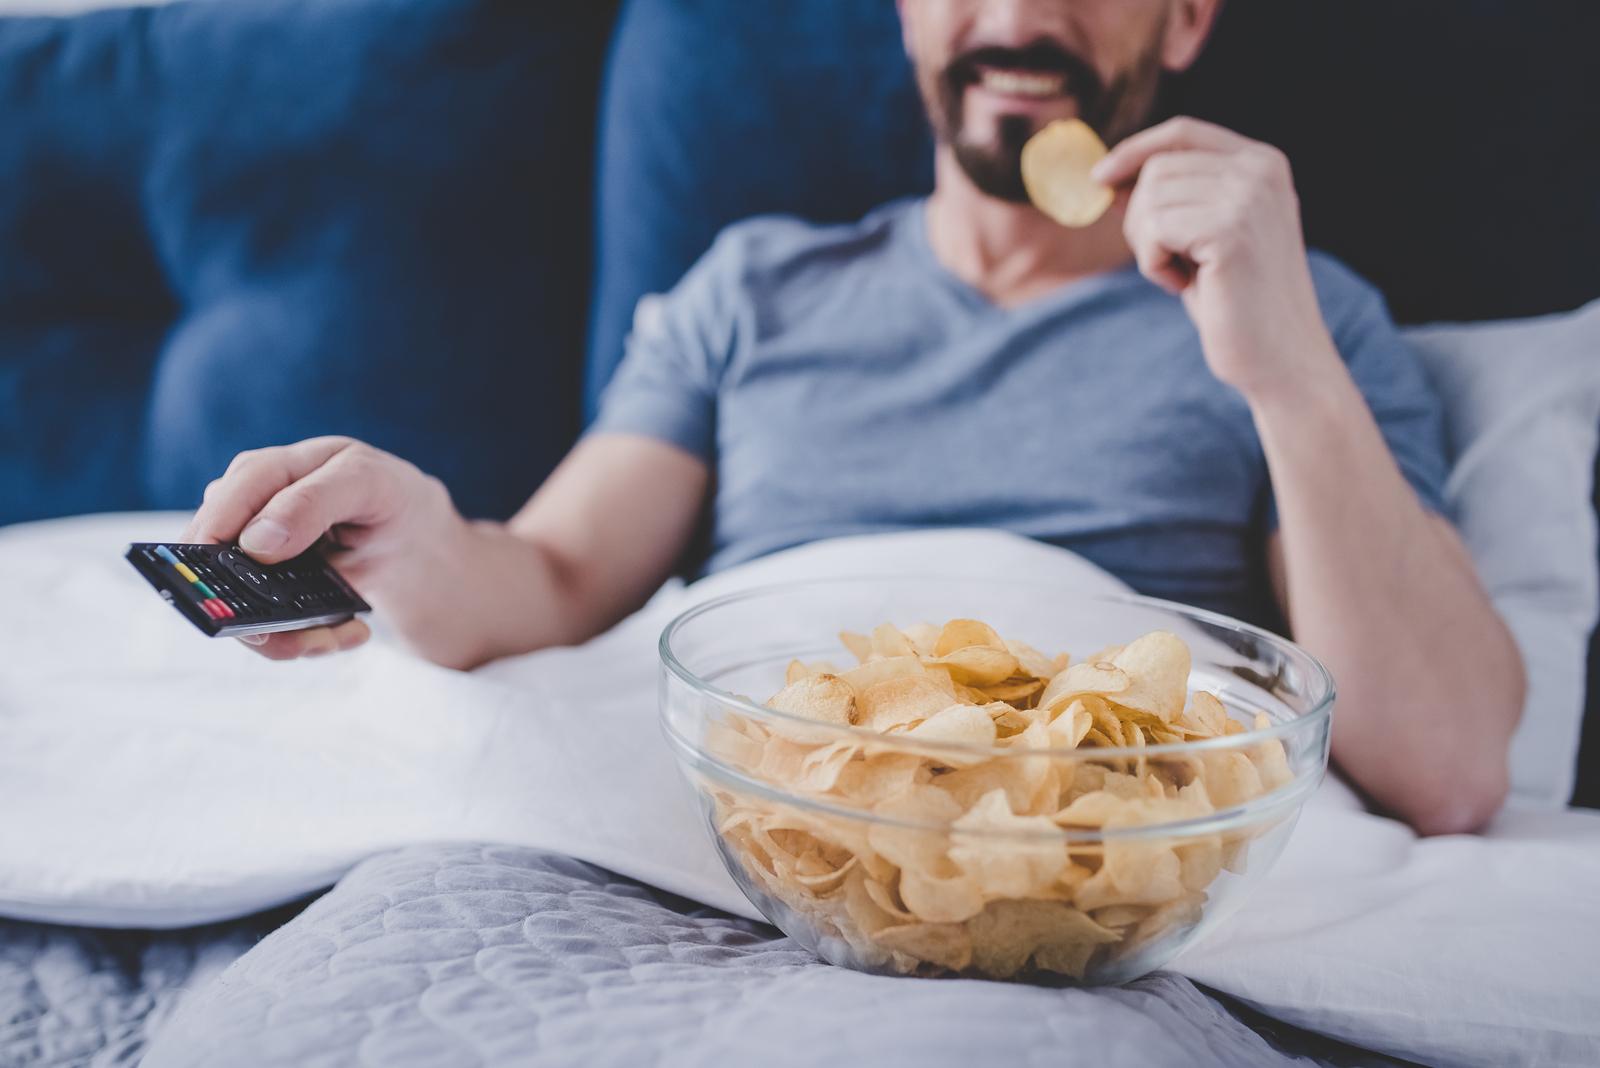 Mirar TV al dormir: desventajas asociadas y tips